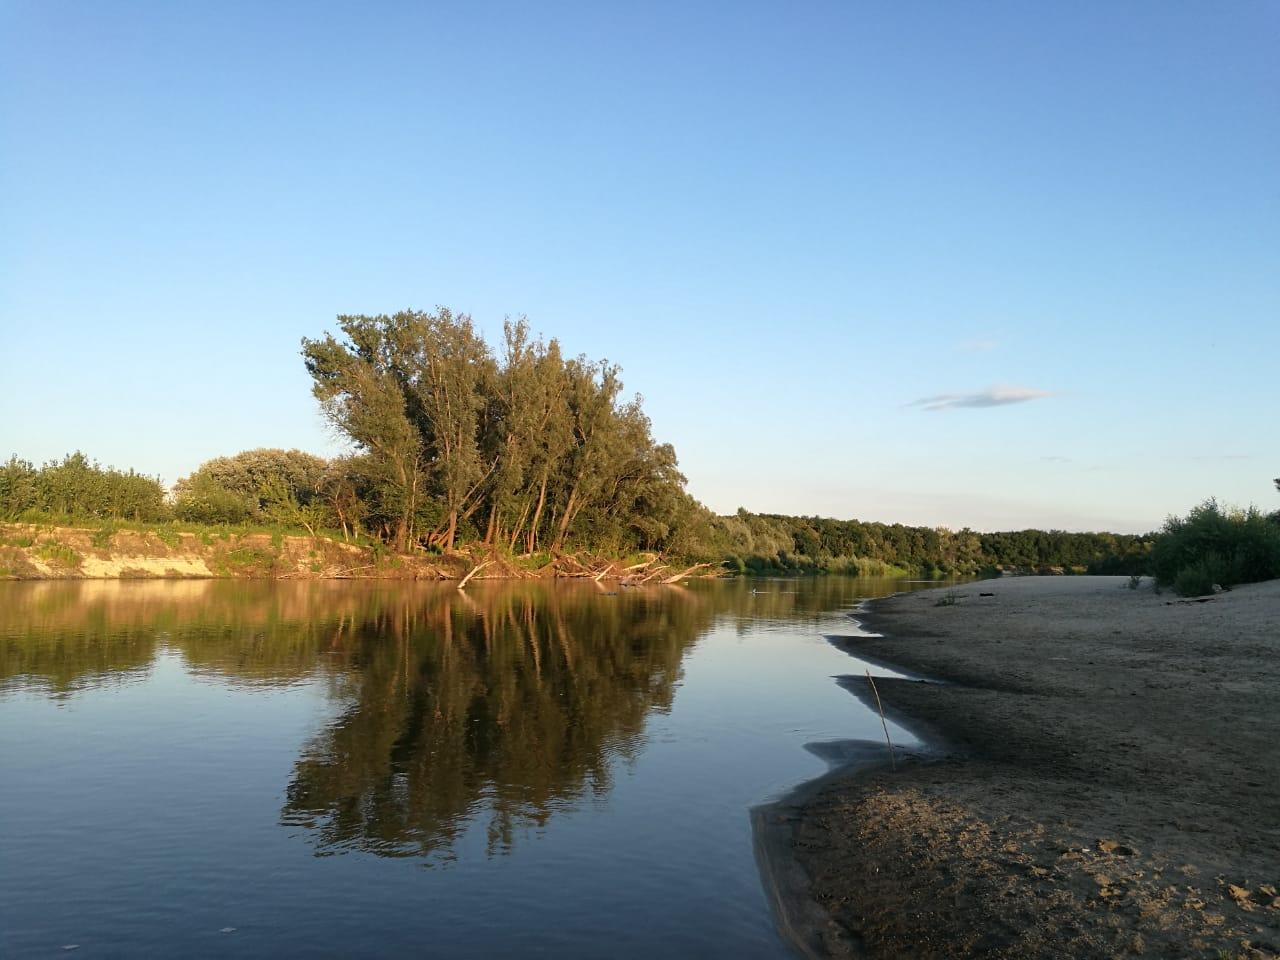 Прощай Новохопреск! Чтоб я так жил. Всего 3-4 км от города, а места просто дичайшие!